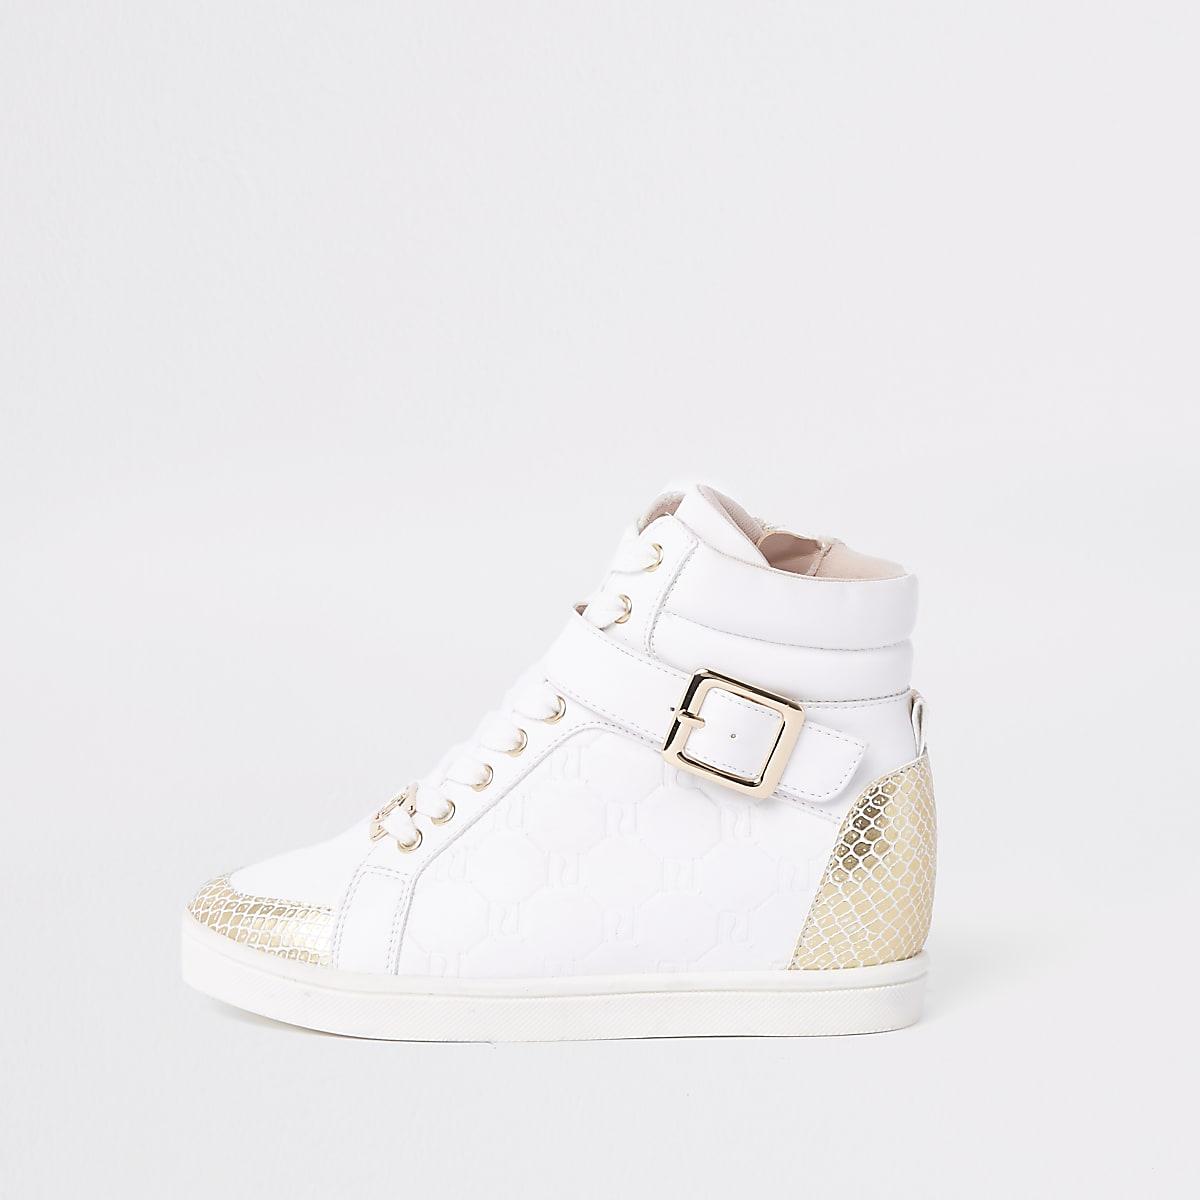 59719952592 Witte hoge sneakers met RI-monogram voor meisjes - Sneakers ...